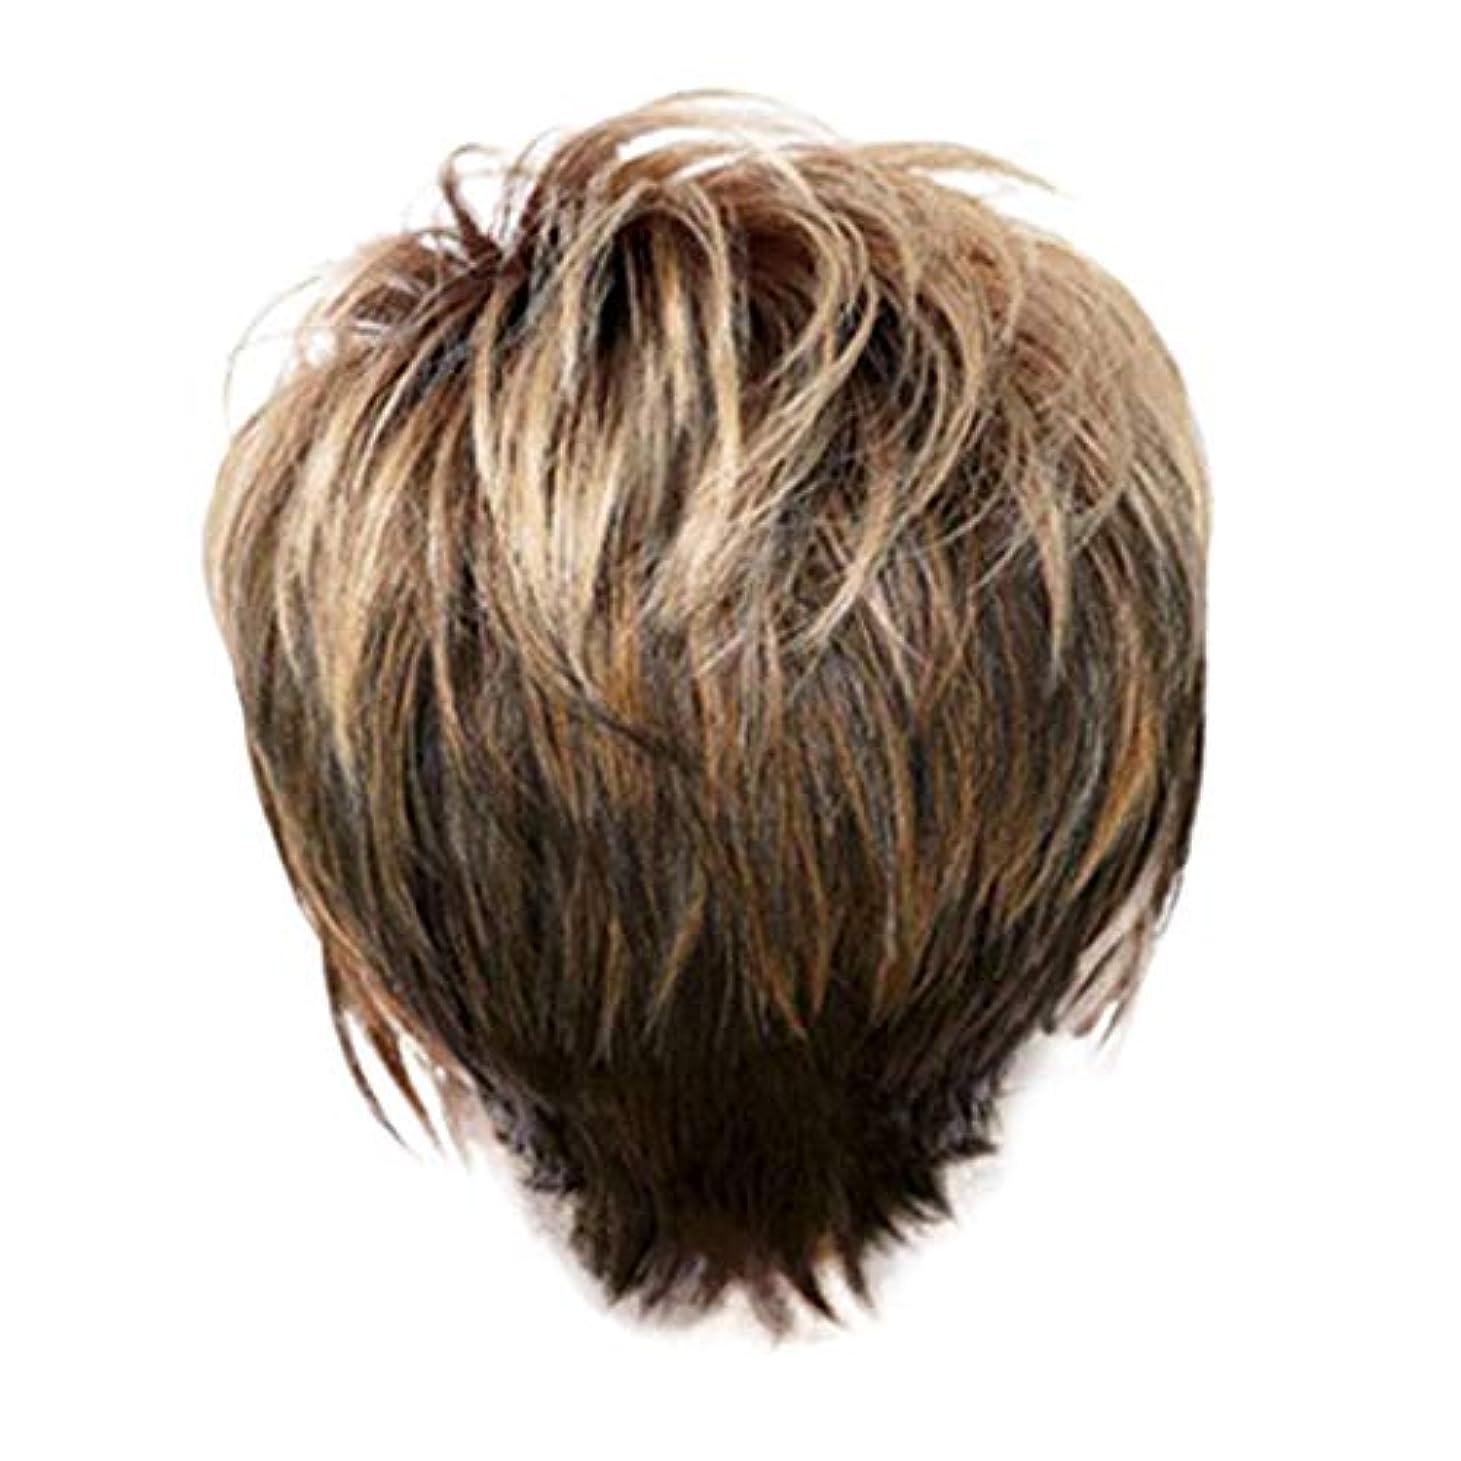 殺す外交官方言ウィッグ女性の金茶色の短いストレートヘアファッションセクシーなかつら31 cm